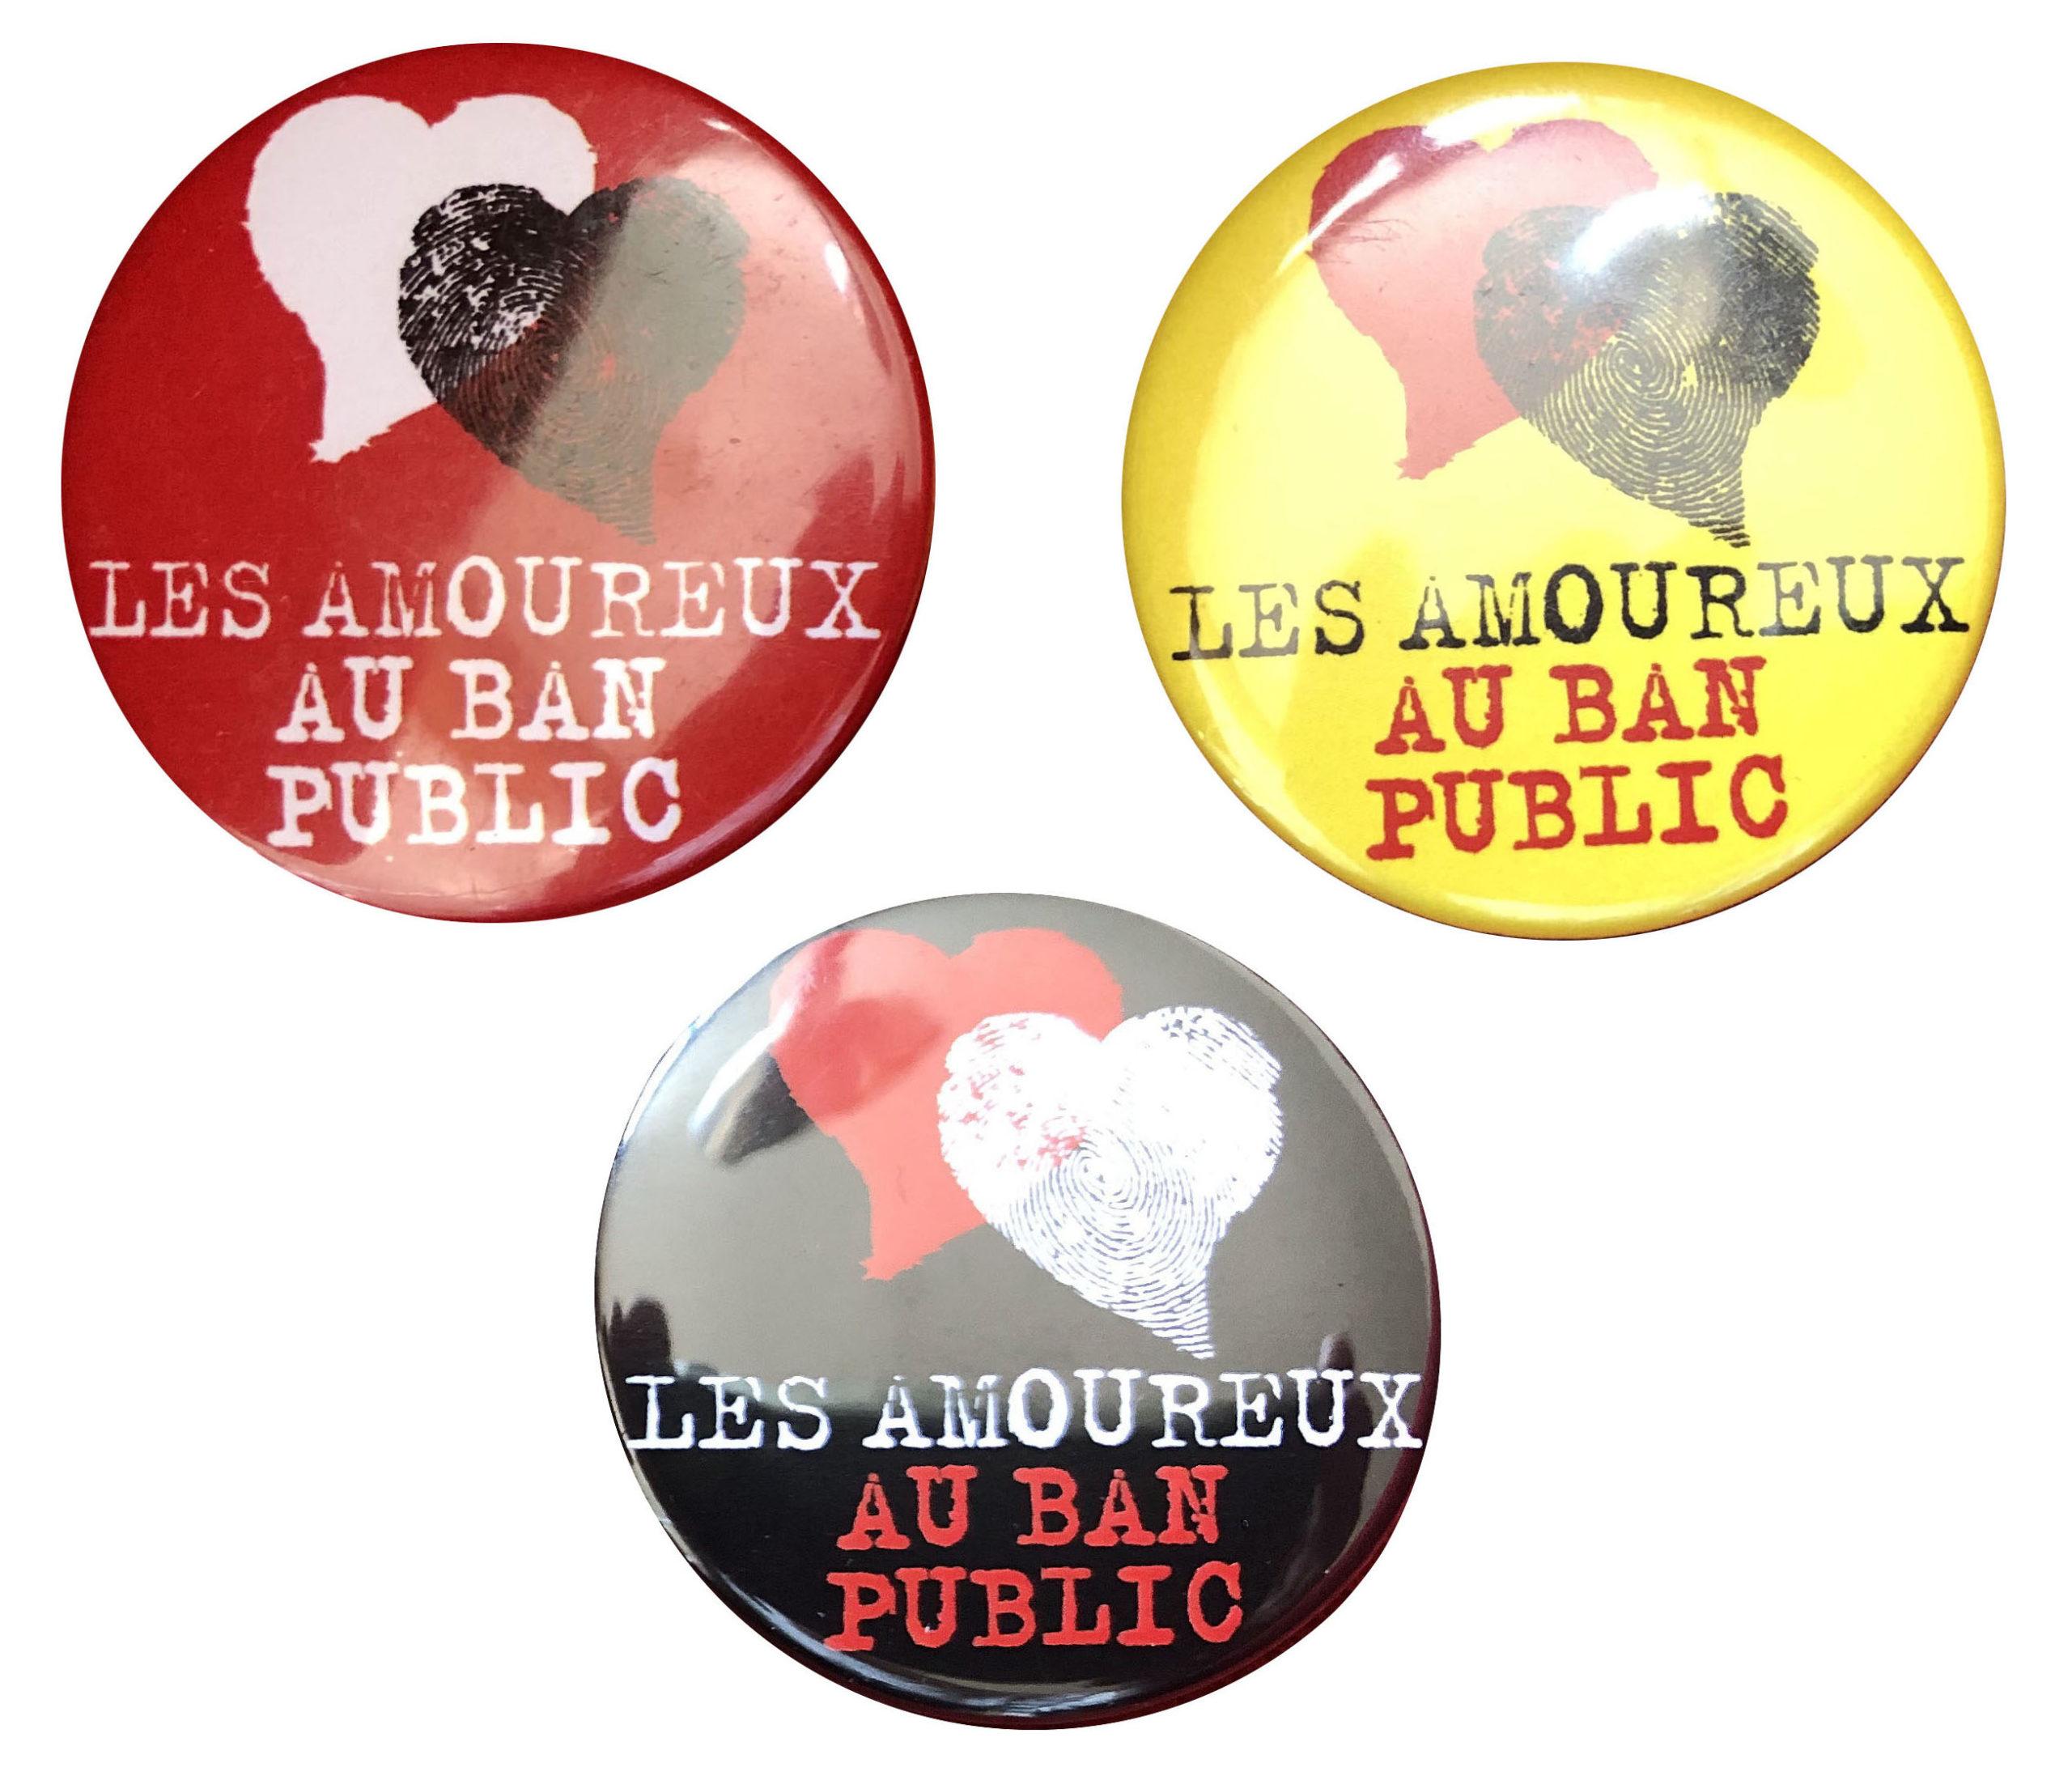 Cadeau militant et solidaire : 3 badges collector des Amoureux au ban public